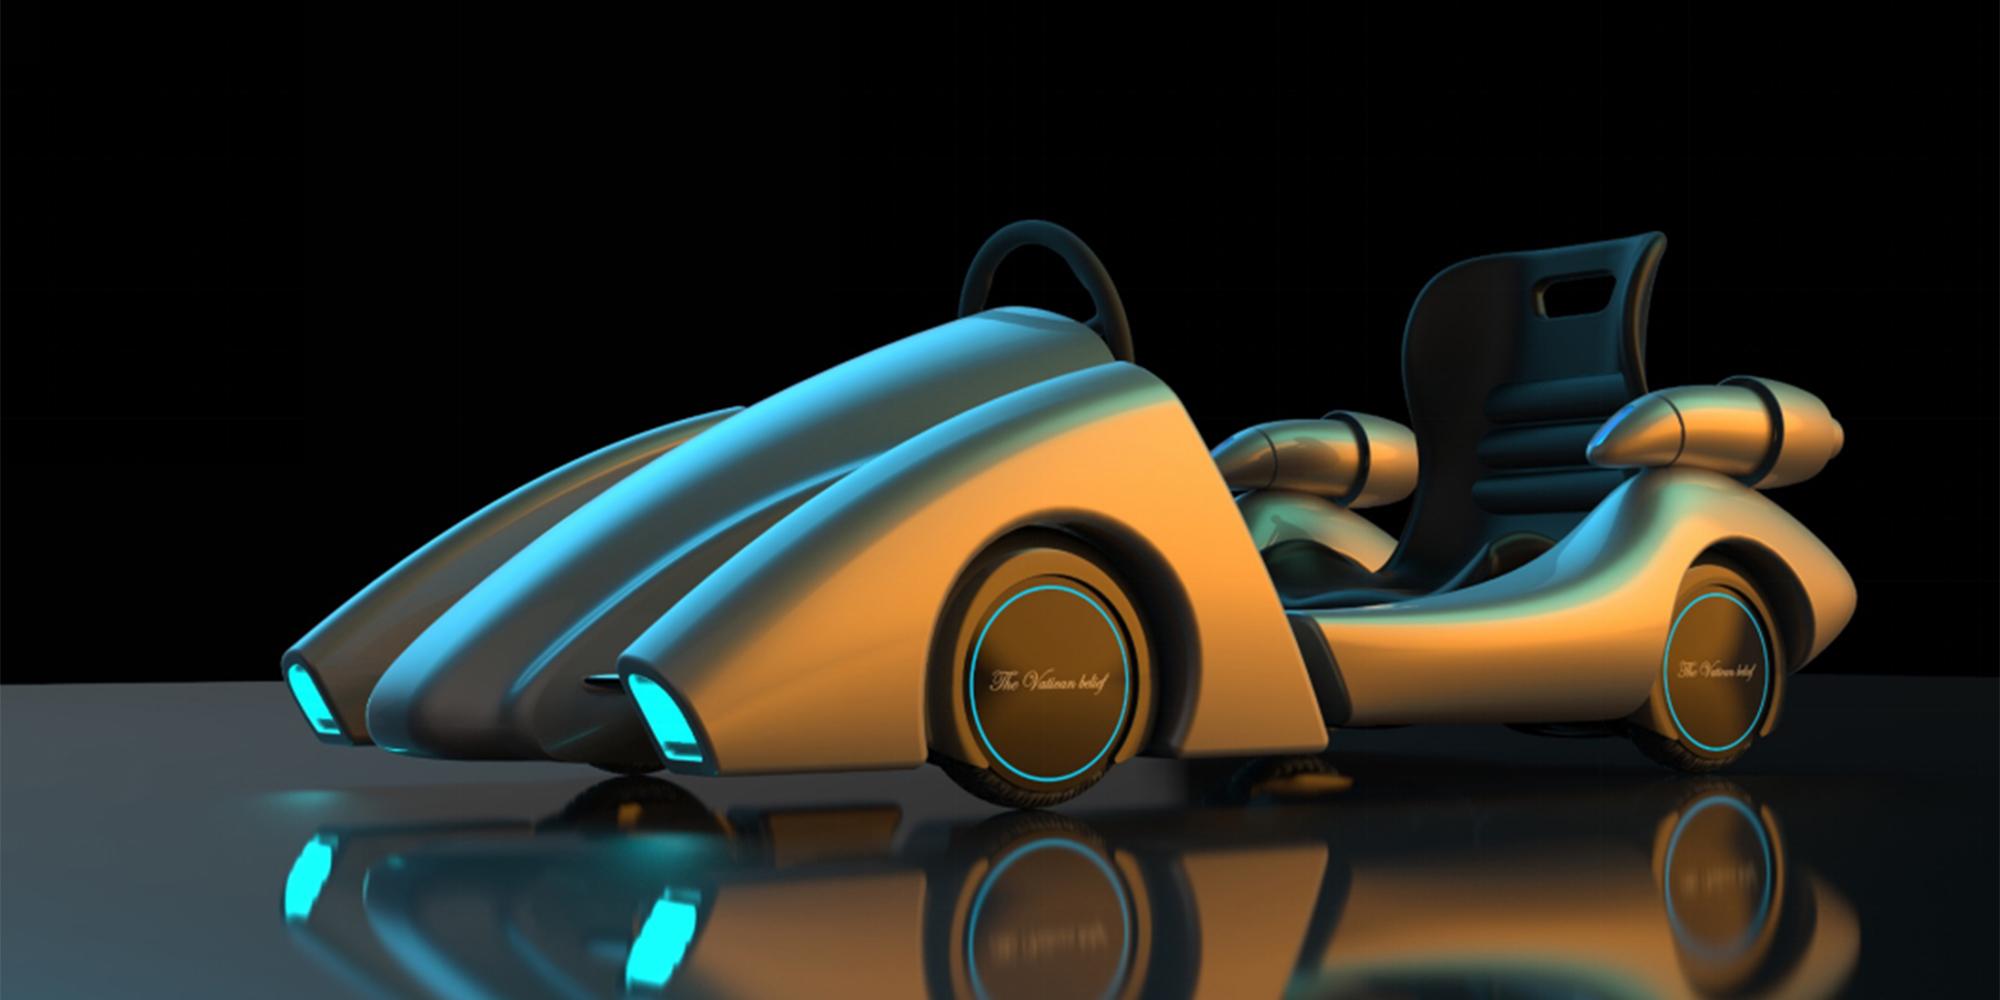 【智加设计】工业设计3D打印建模模型逆X3D修复抄数外观结构